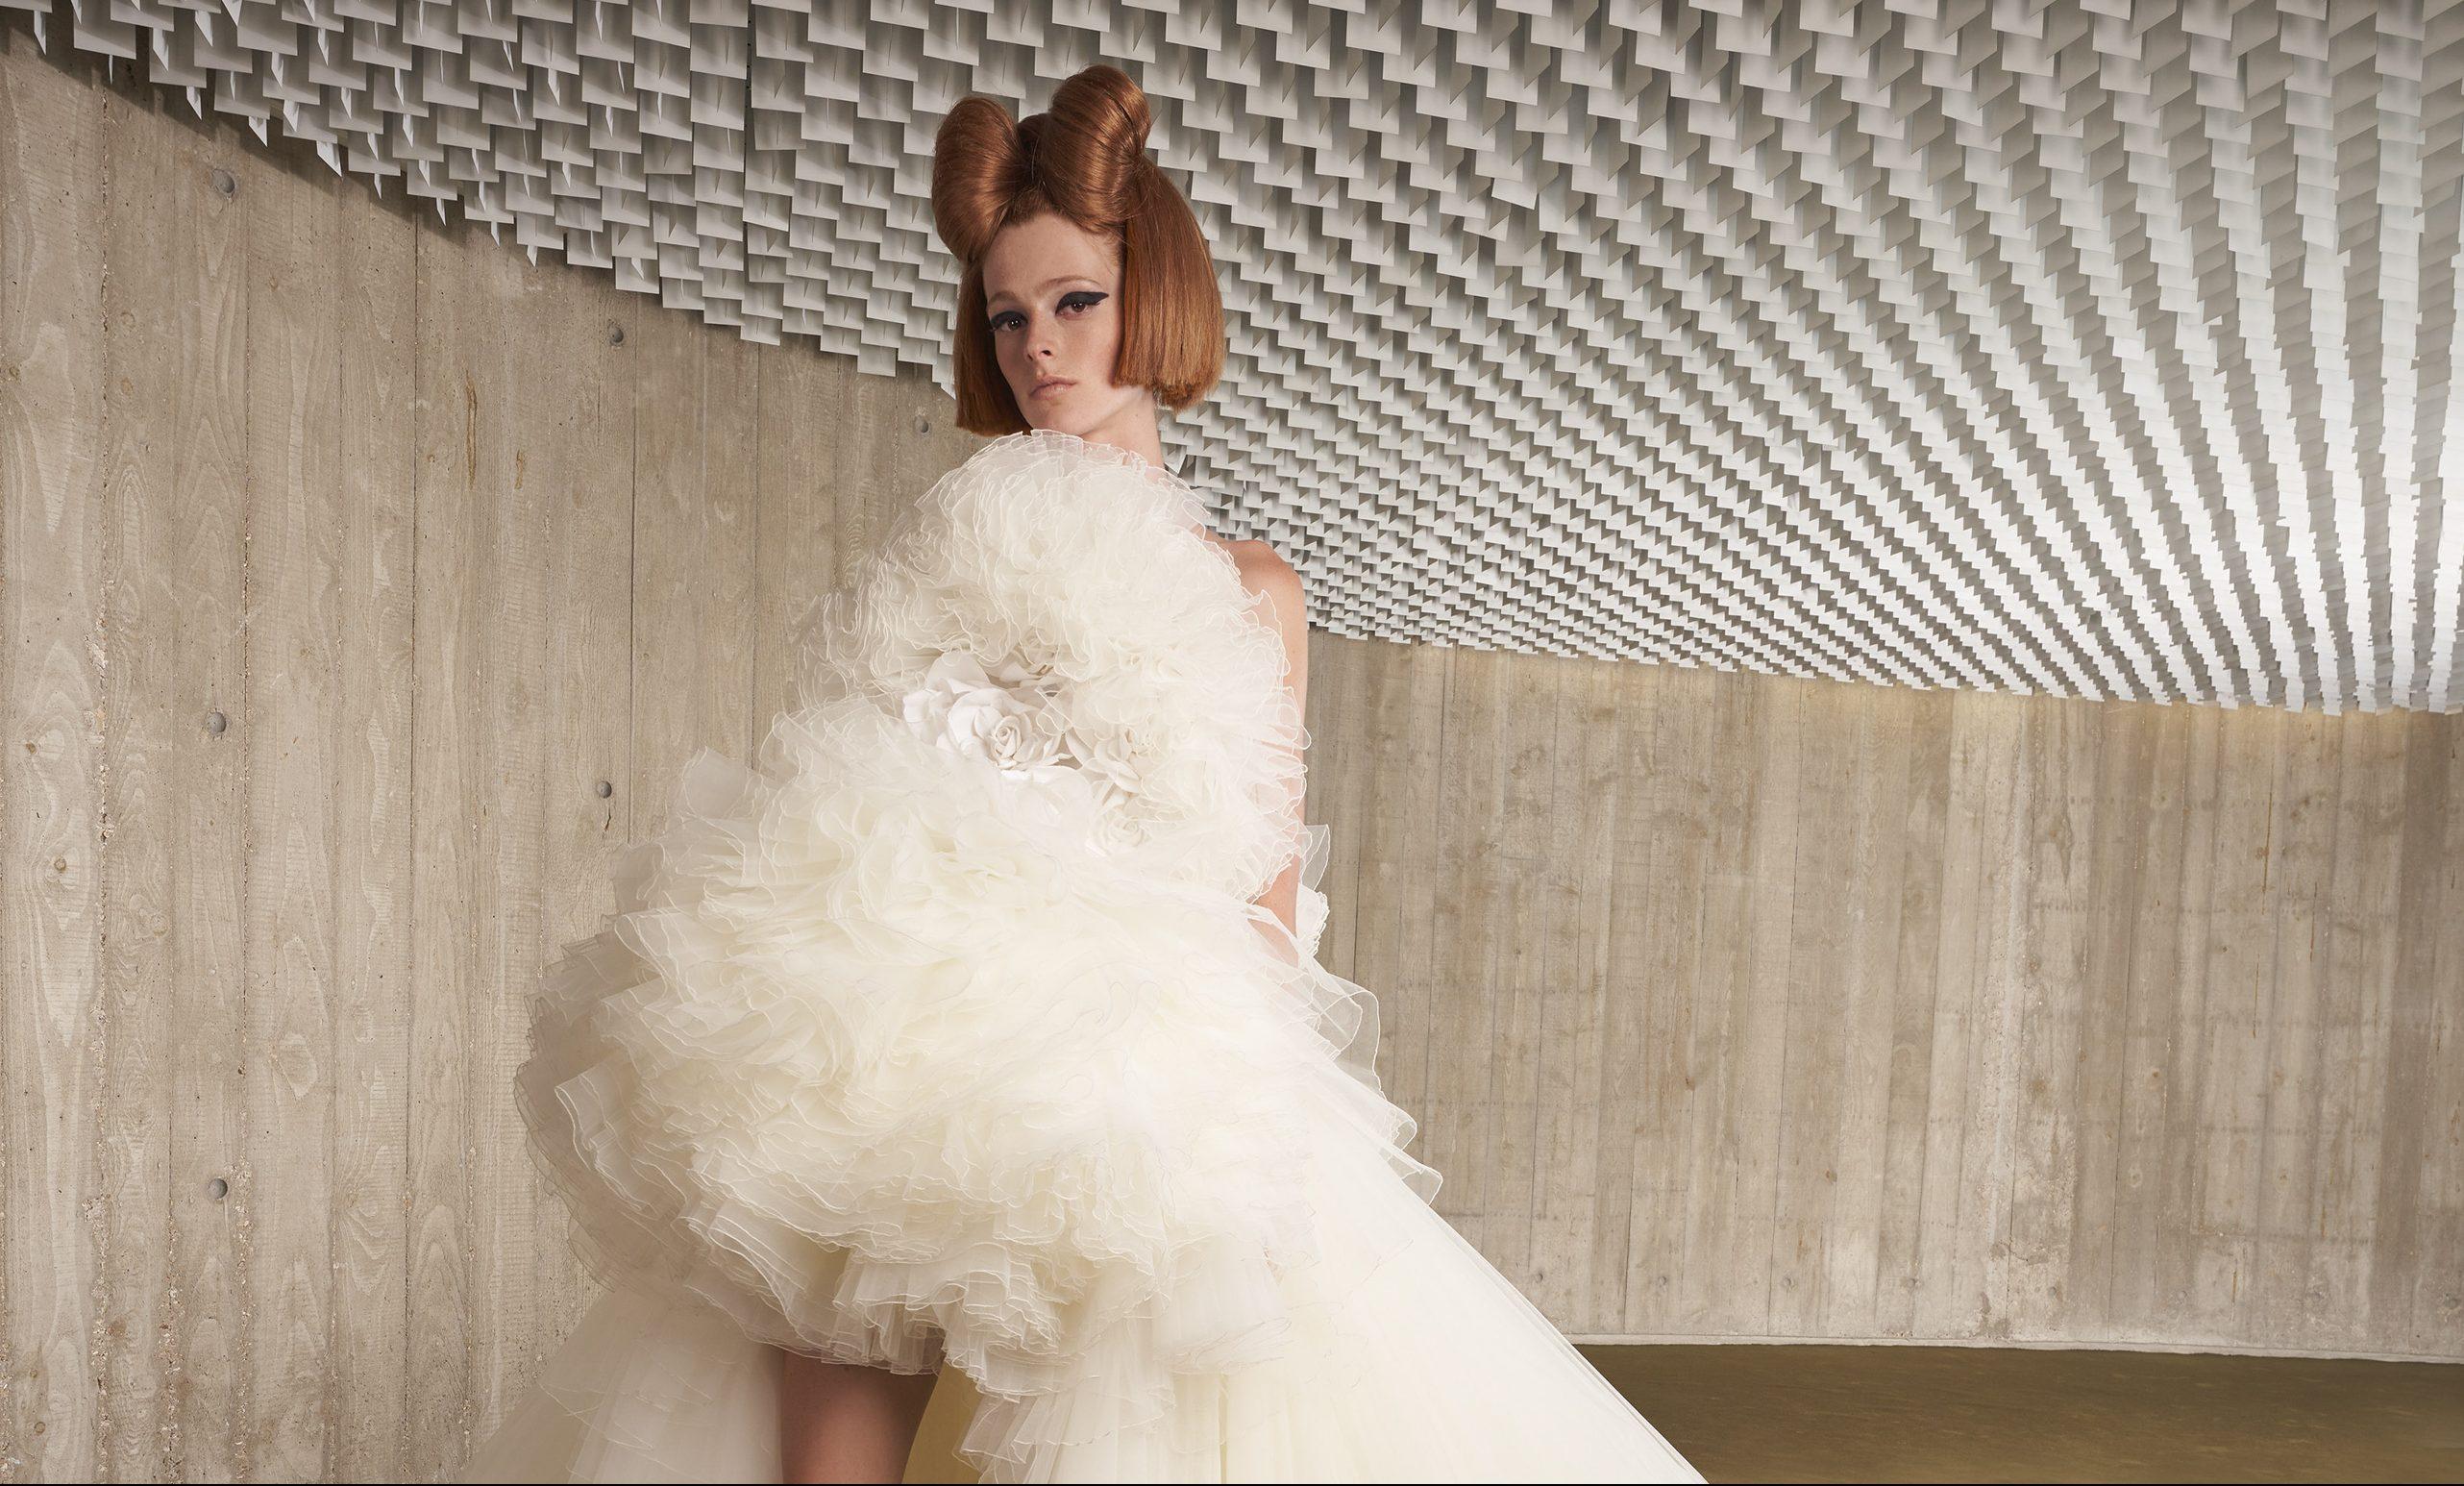 Παντρεύεσαι; Αυτά είναι τα πιο εντυπωσιακά bridal looks από την Εβδομάδα Υψηλής Ραπτικής στο Παρίσι που σίγουρα θα σου χαρίσουν την έμπνευση που ψάχνεις